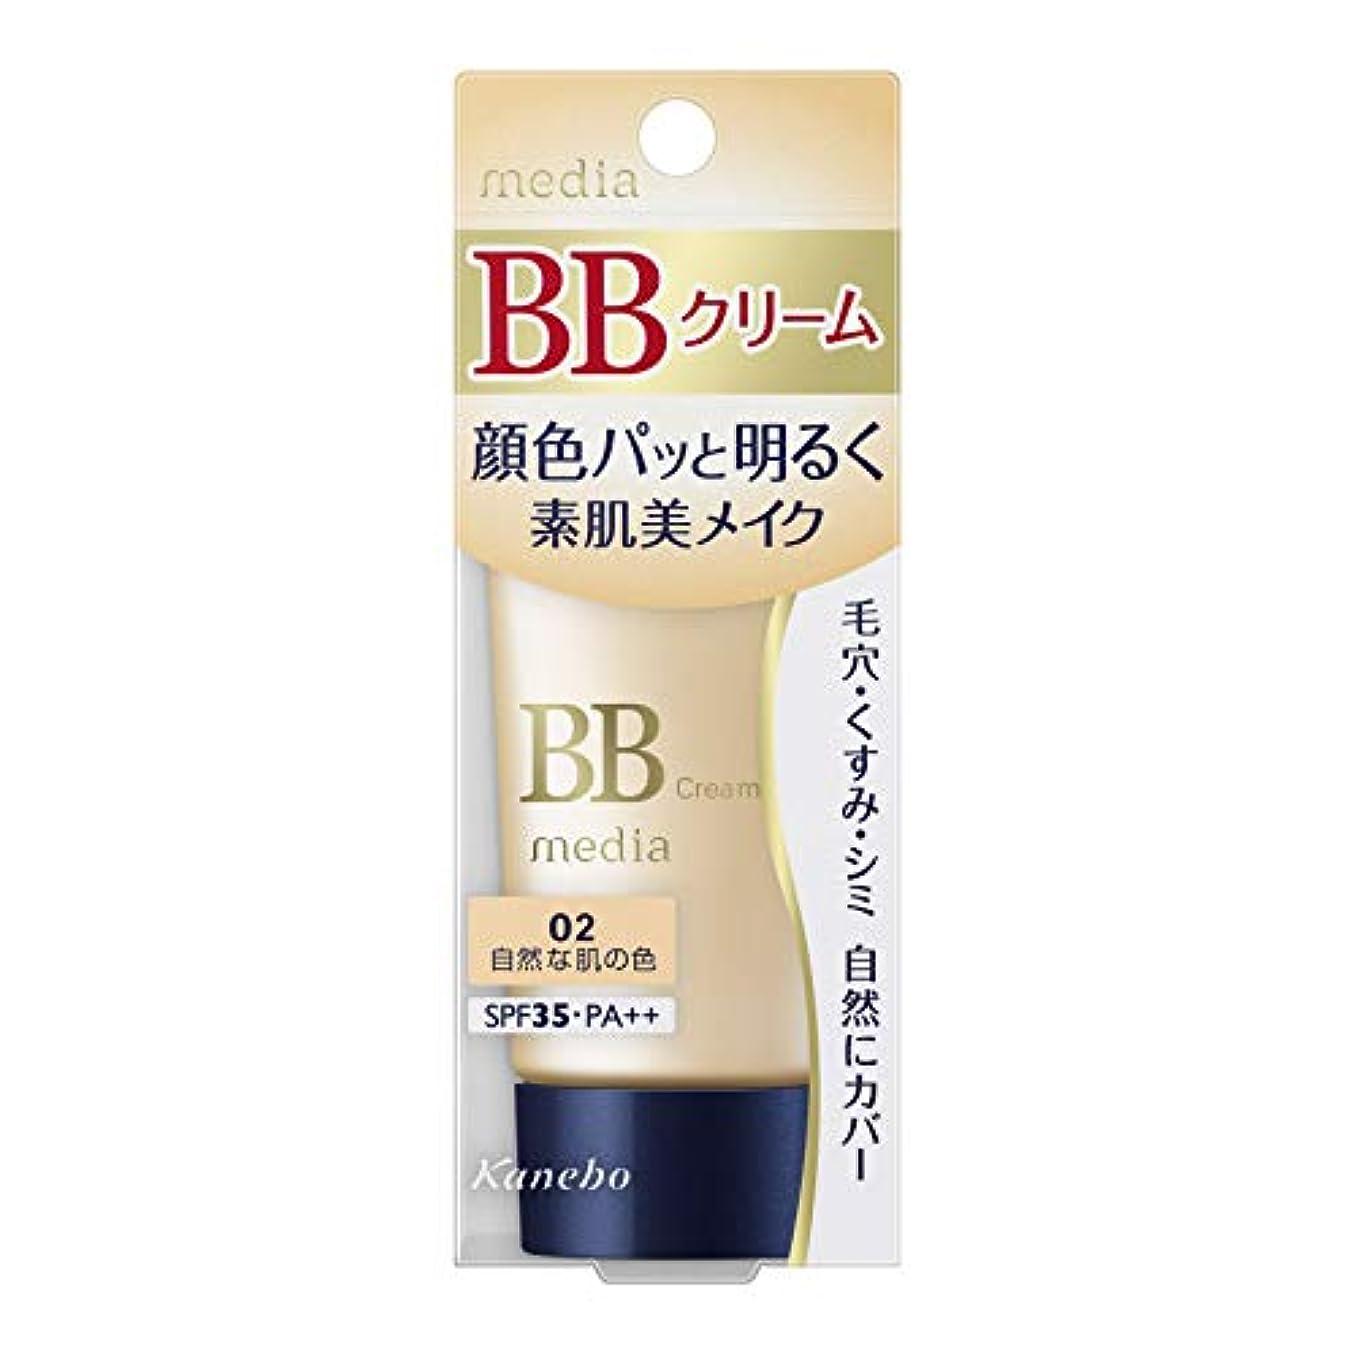 バンガローロッドスペインカネボウ化粧品 メディア BBクリームS 02 35g